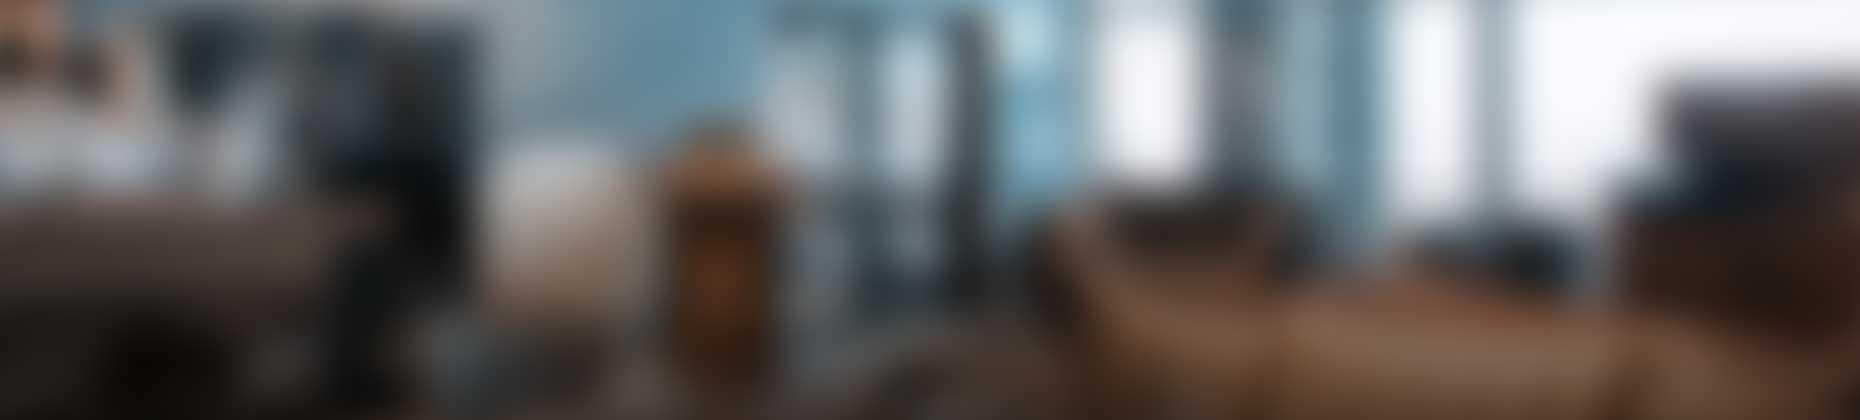 Гавань, кафе, Коммунальная ул., 28, Красноярск, Россия — Яндекс.Карты   420x1860